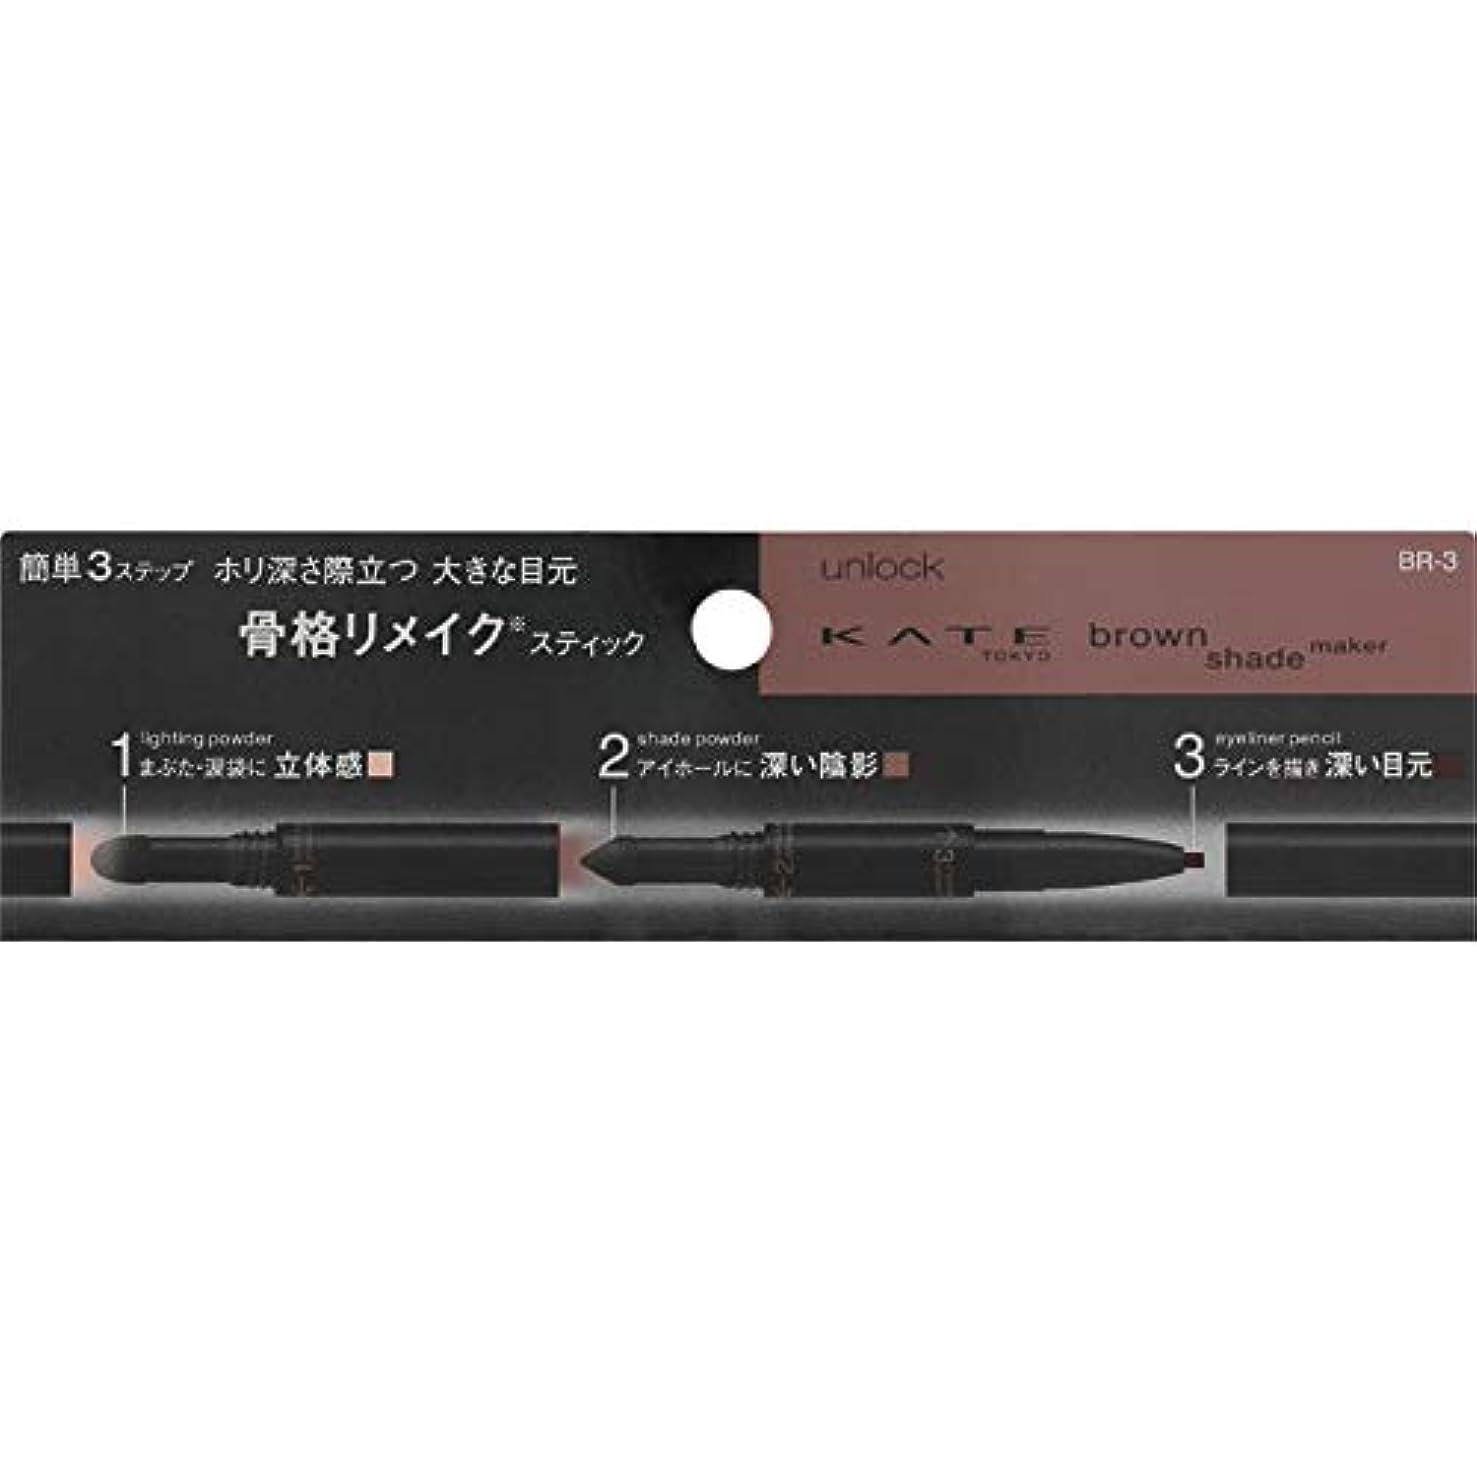 マカダム中毒聴覚カネボウ(Kanebo) ケイト ブラウンシェードメイカー<カラー:BR-3>